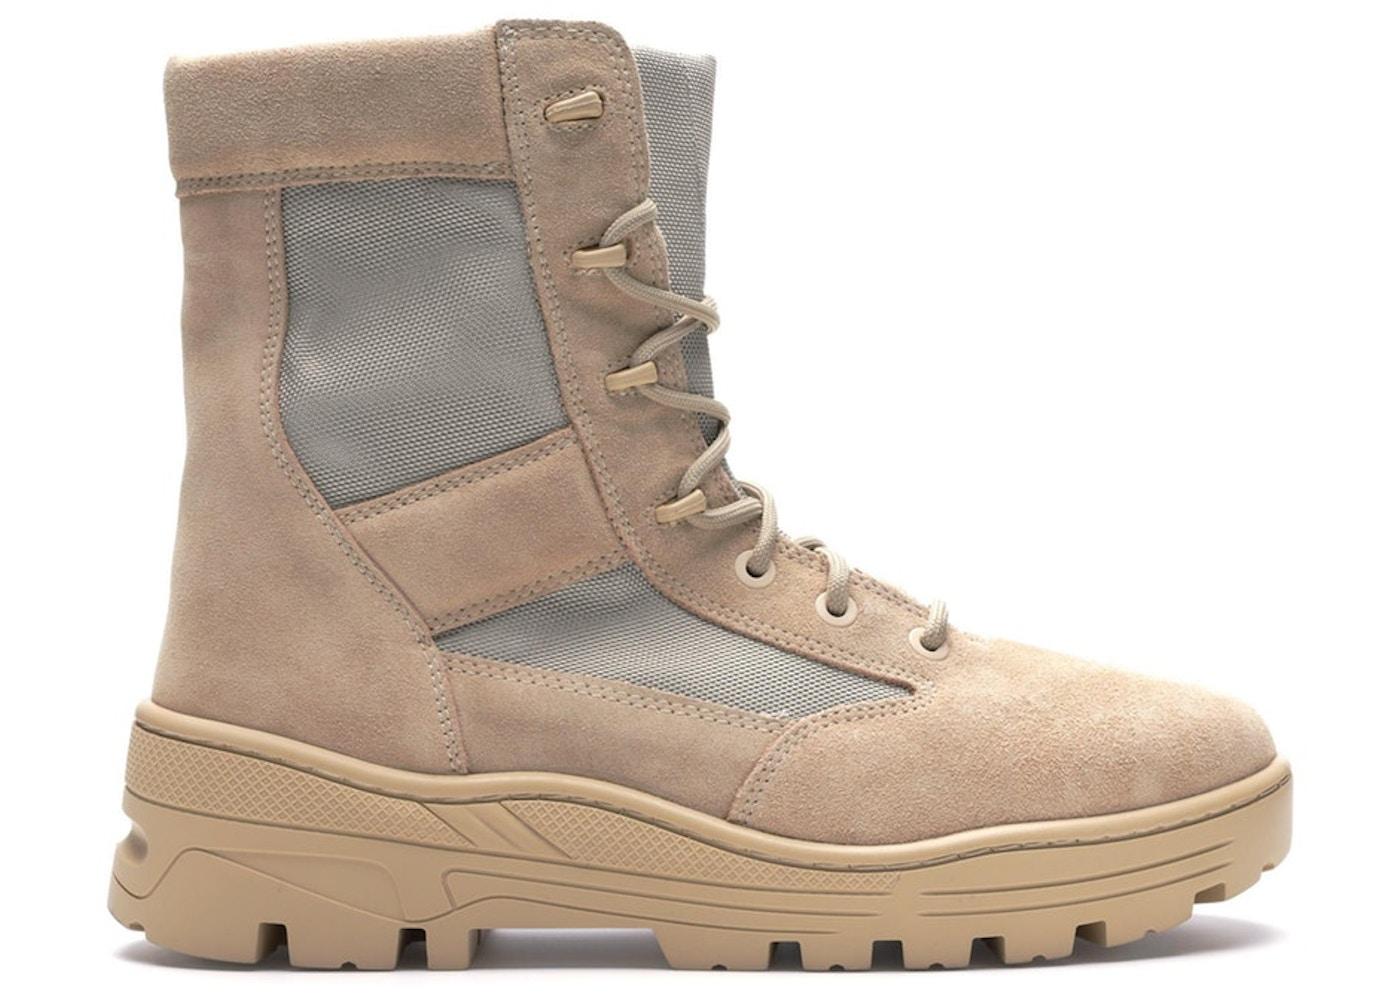 6f95deb1a2e7e Yeezy Shoes - Volatility